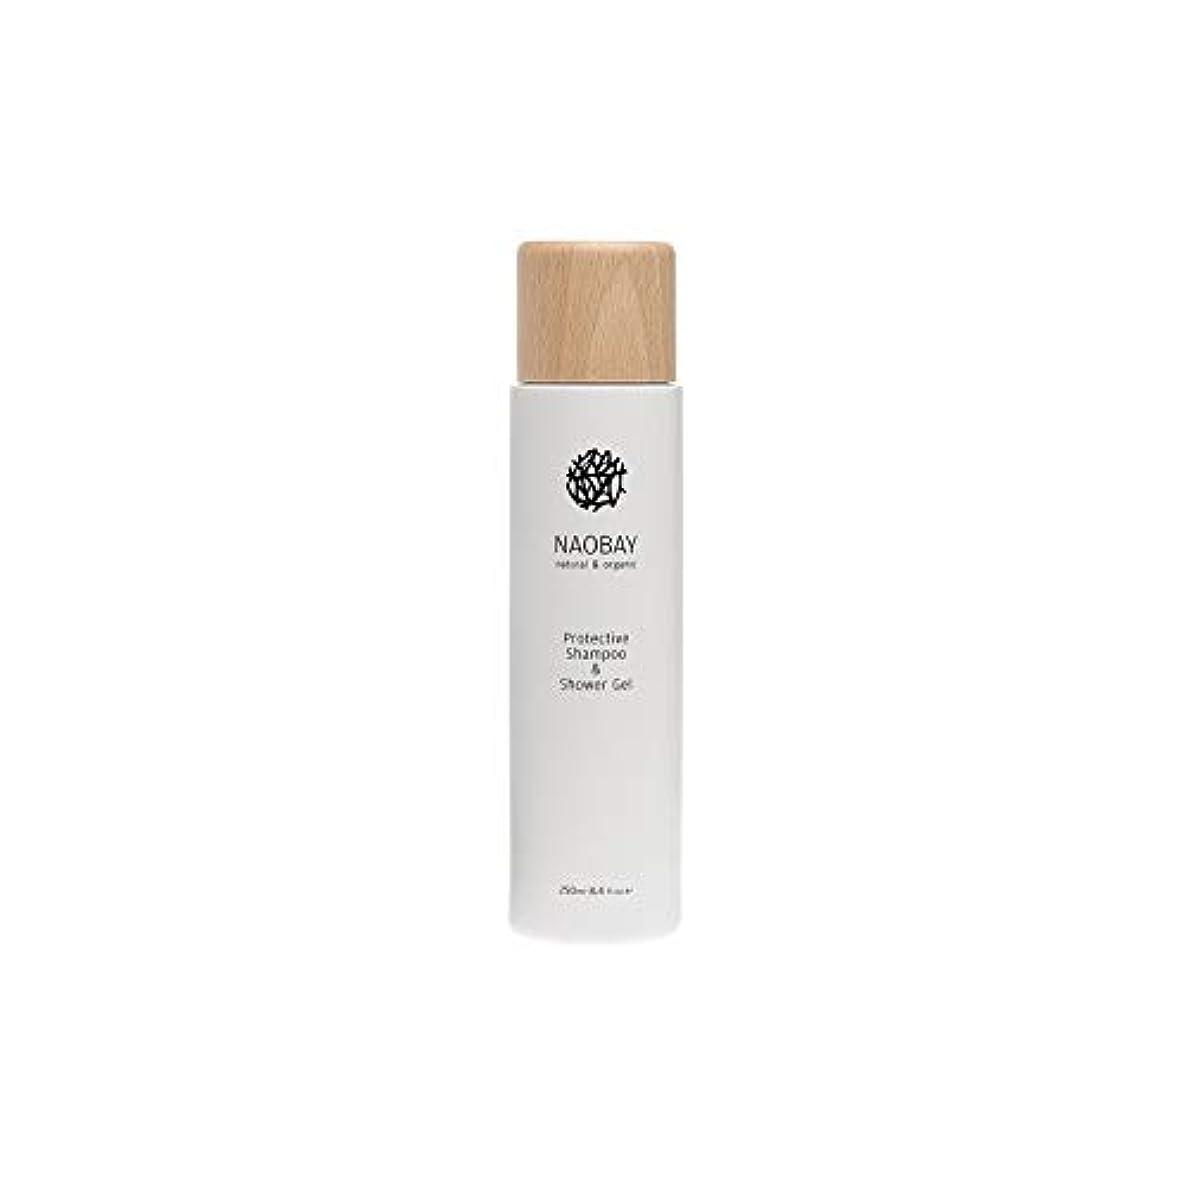 自分のためにやけど精算[Naobay] Naobay保護シャンプー&シャワージェル250ミリリットル - NAOBAY Protective Shampoo & Shower Gel 250ml [並行輸入品]